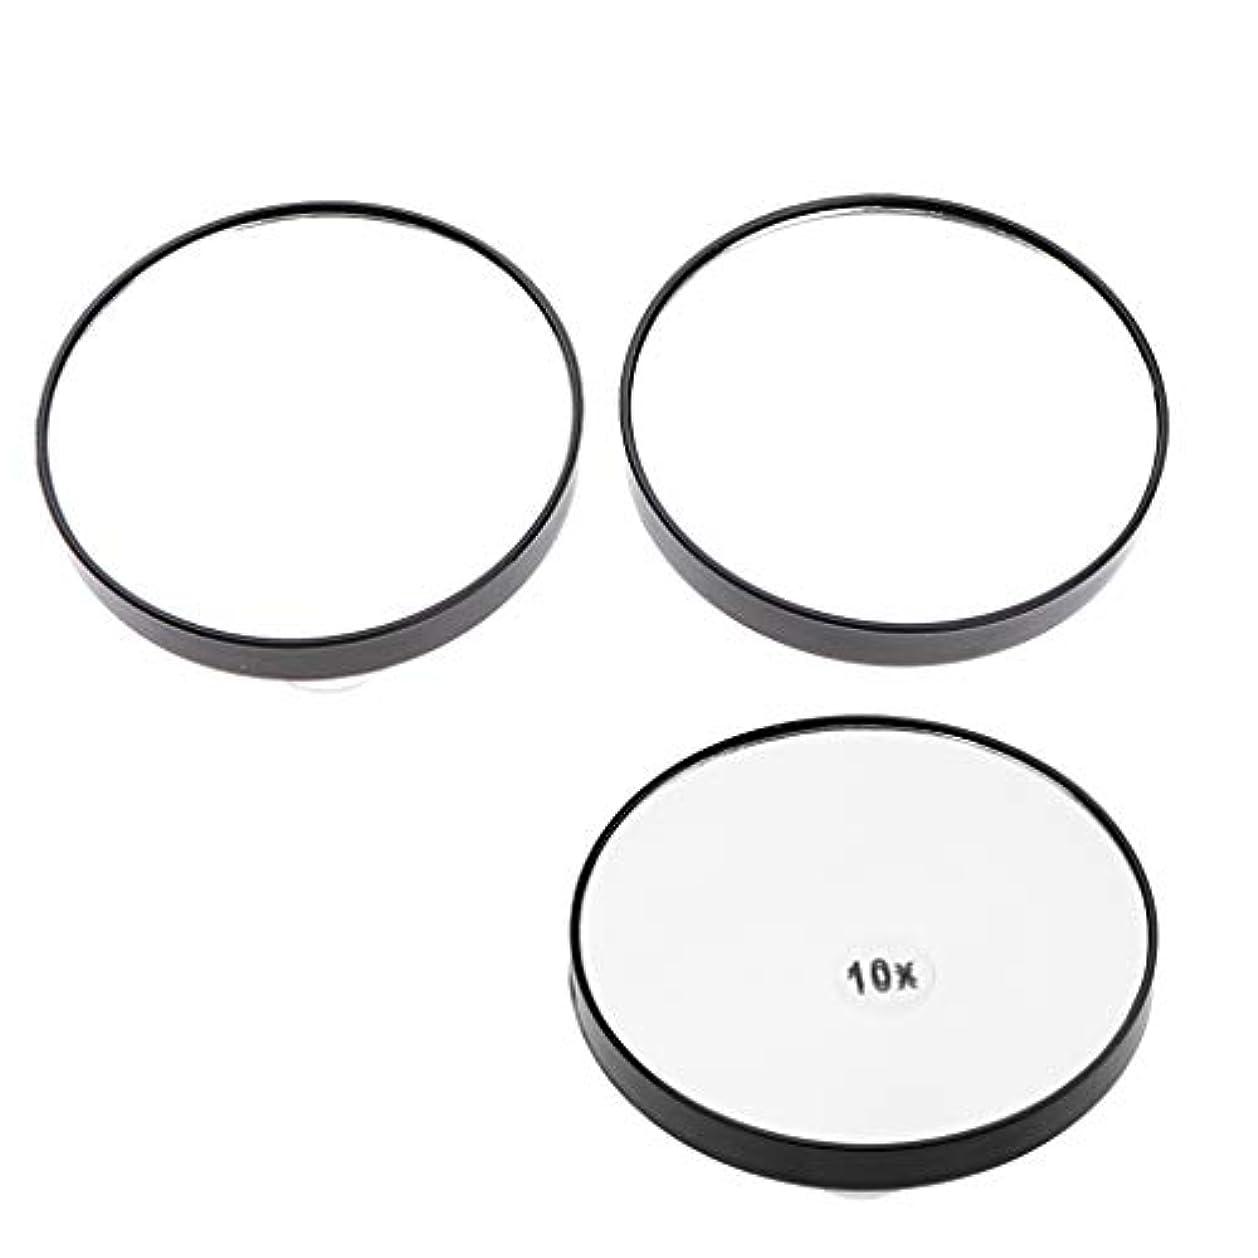 ワーディアンケース五割り当てるメイクミラー 化粧鏡 吸盤付き 浴室化粧鏡 5倍/ 10倍拡大